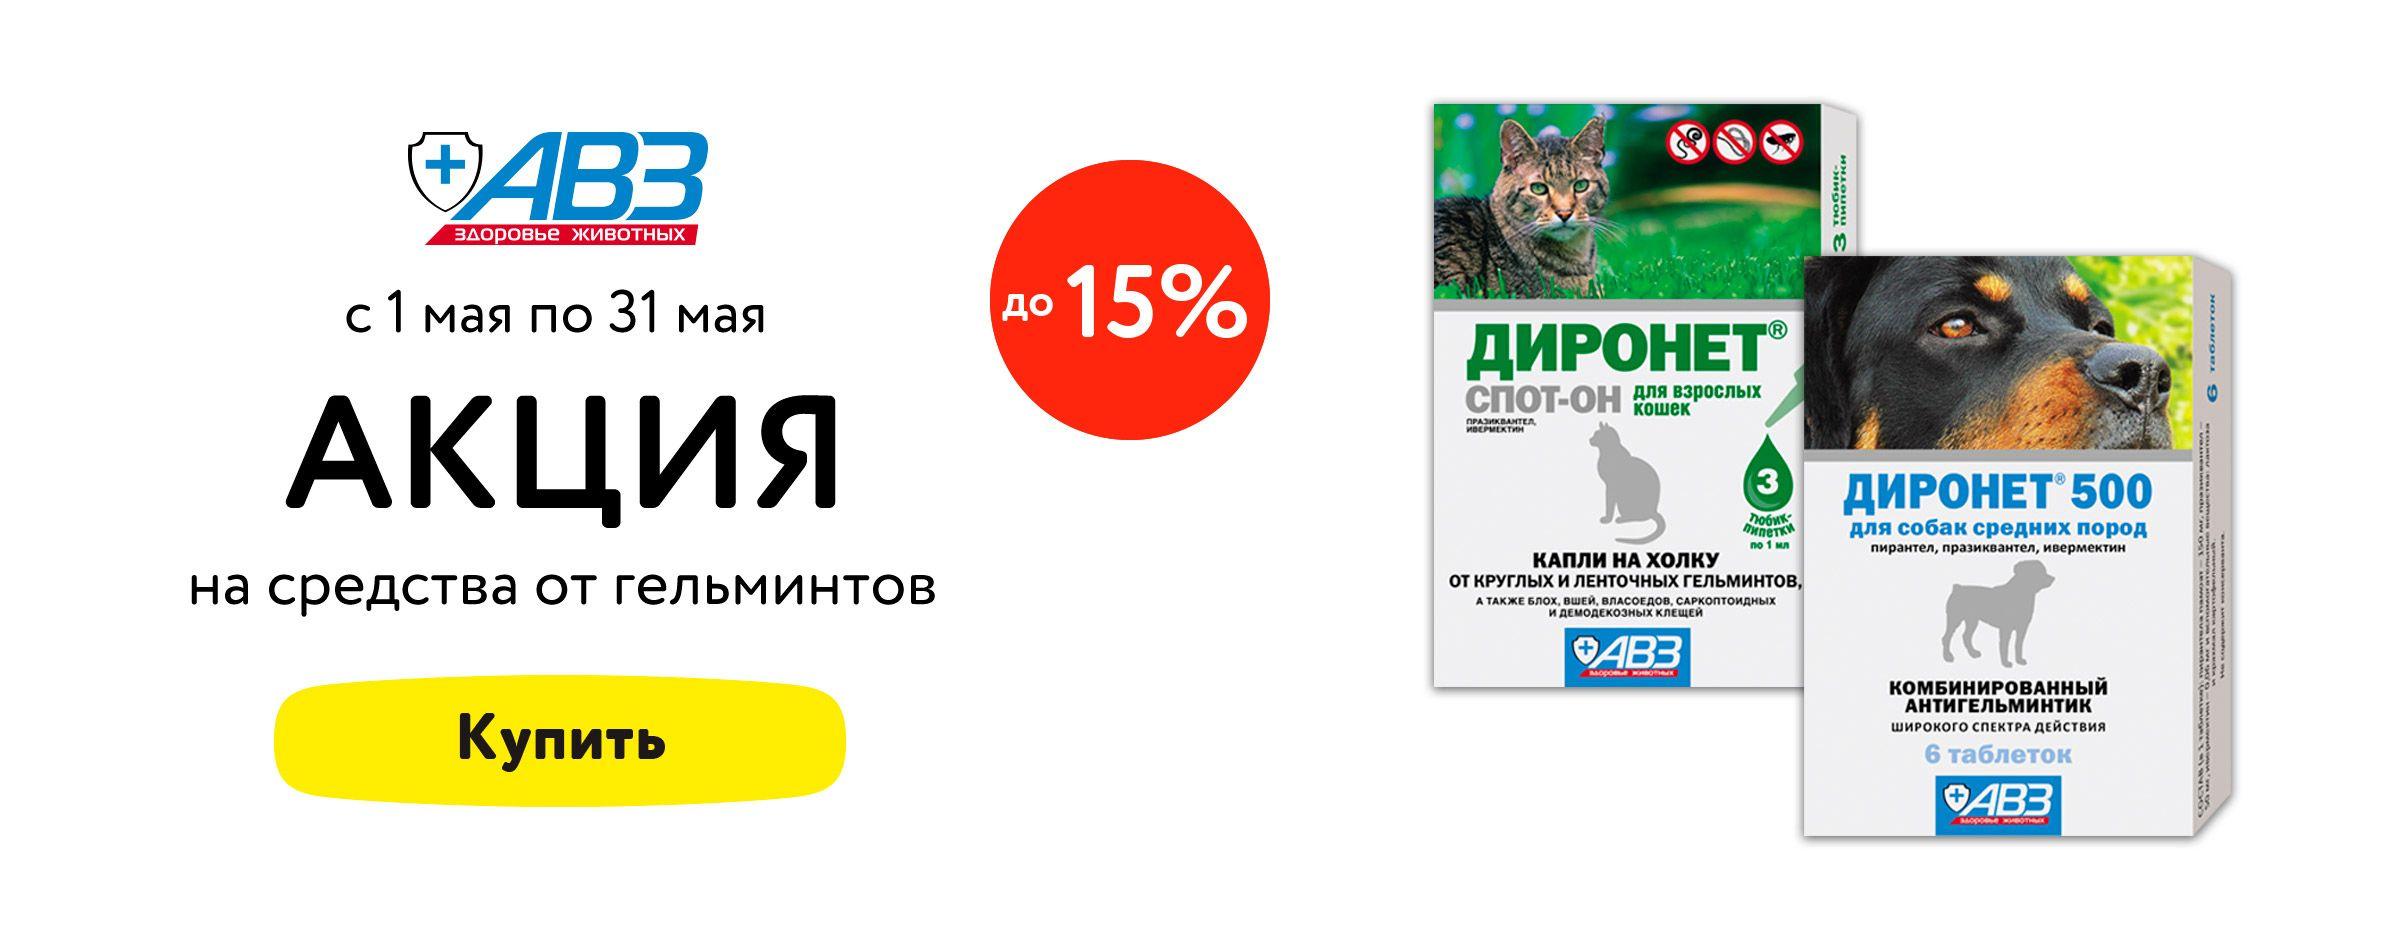 Скидки до 15% на препараты от гельминтов Диронет для кошек и собак